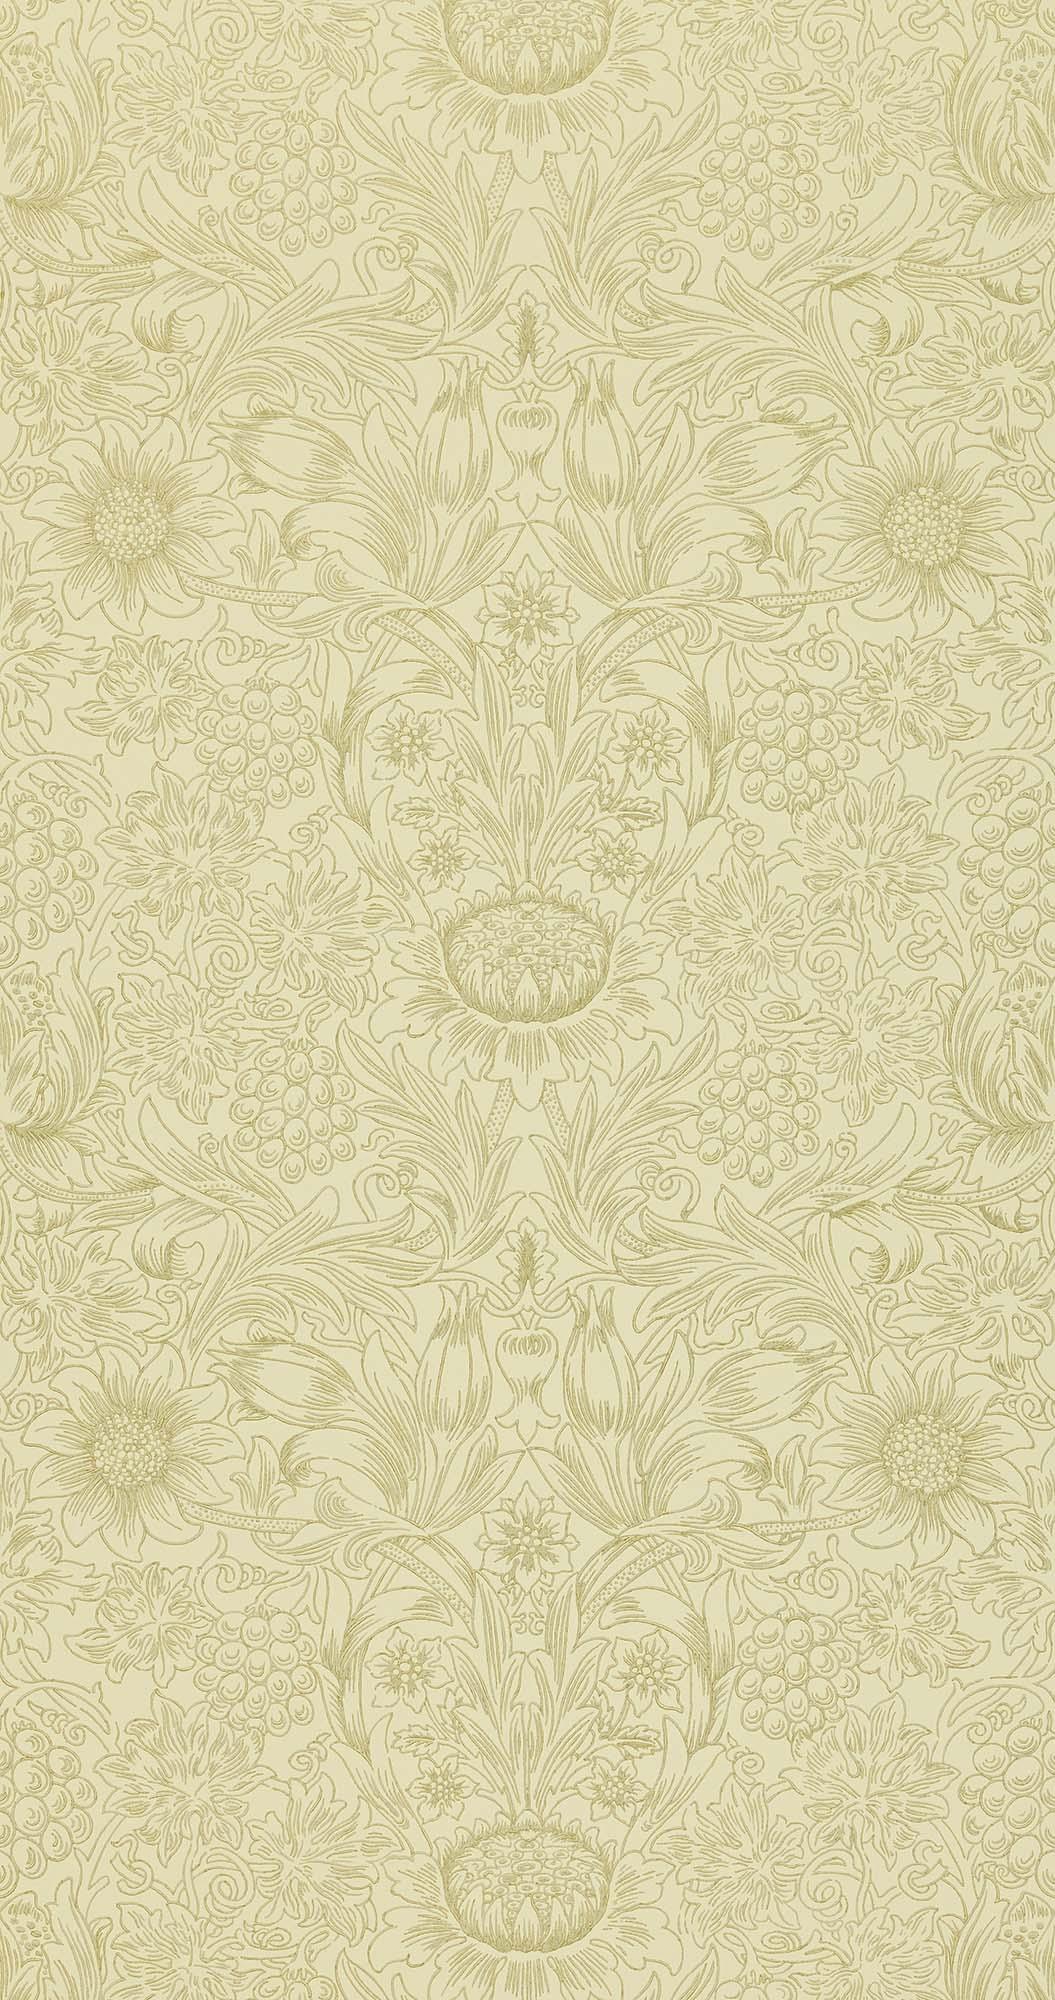 ウィリアムモリス壁紙 Sunflower Etch DMORSU-105